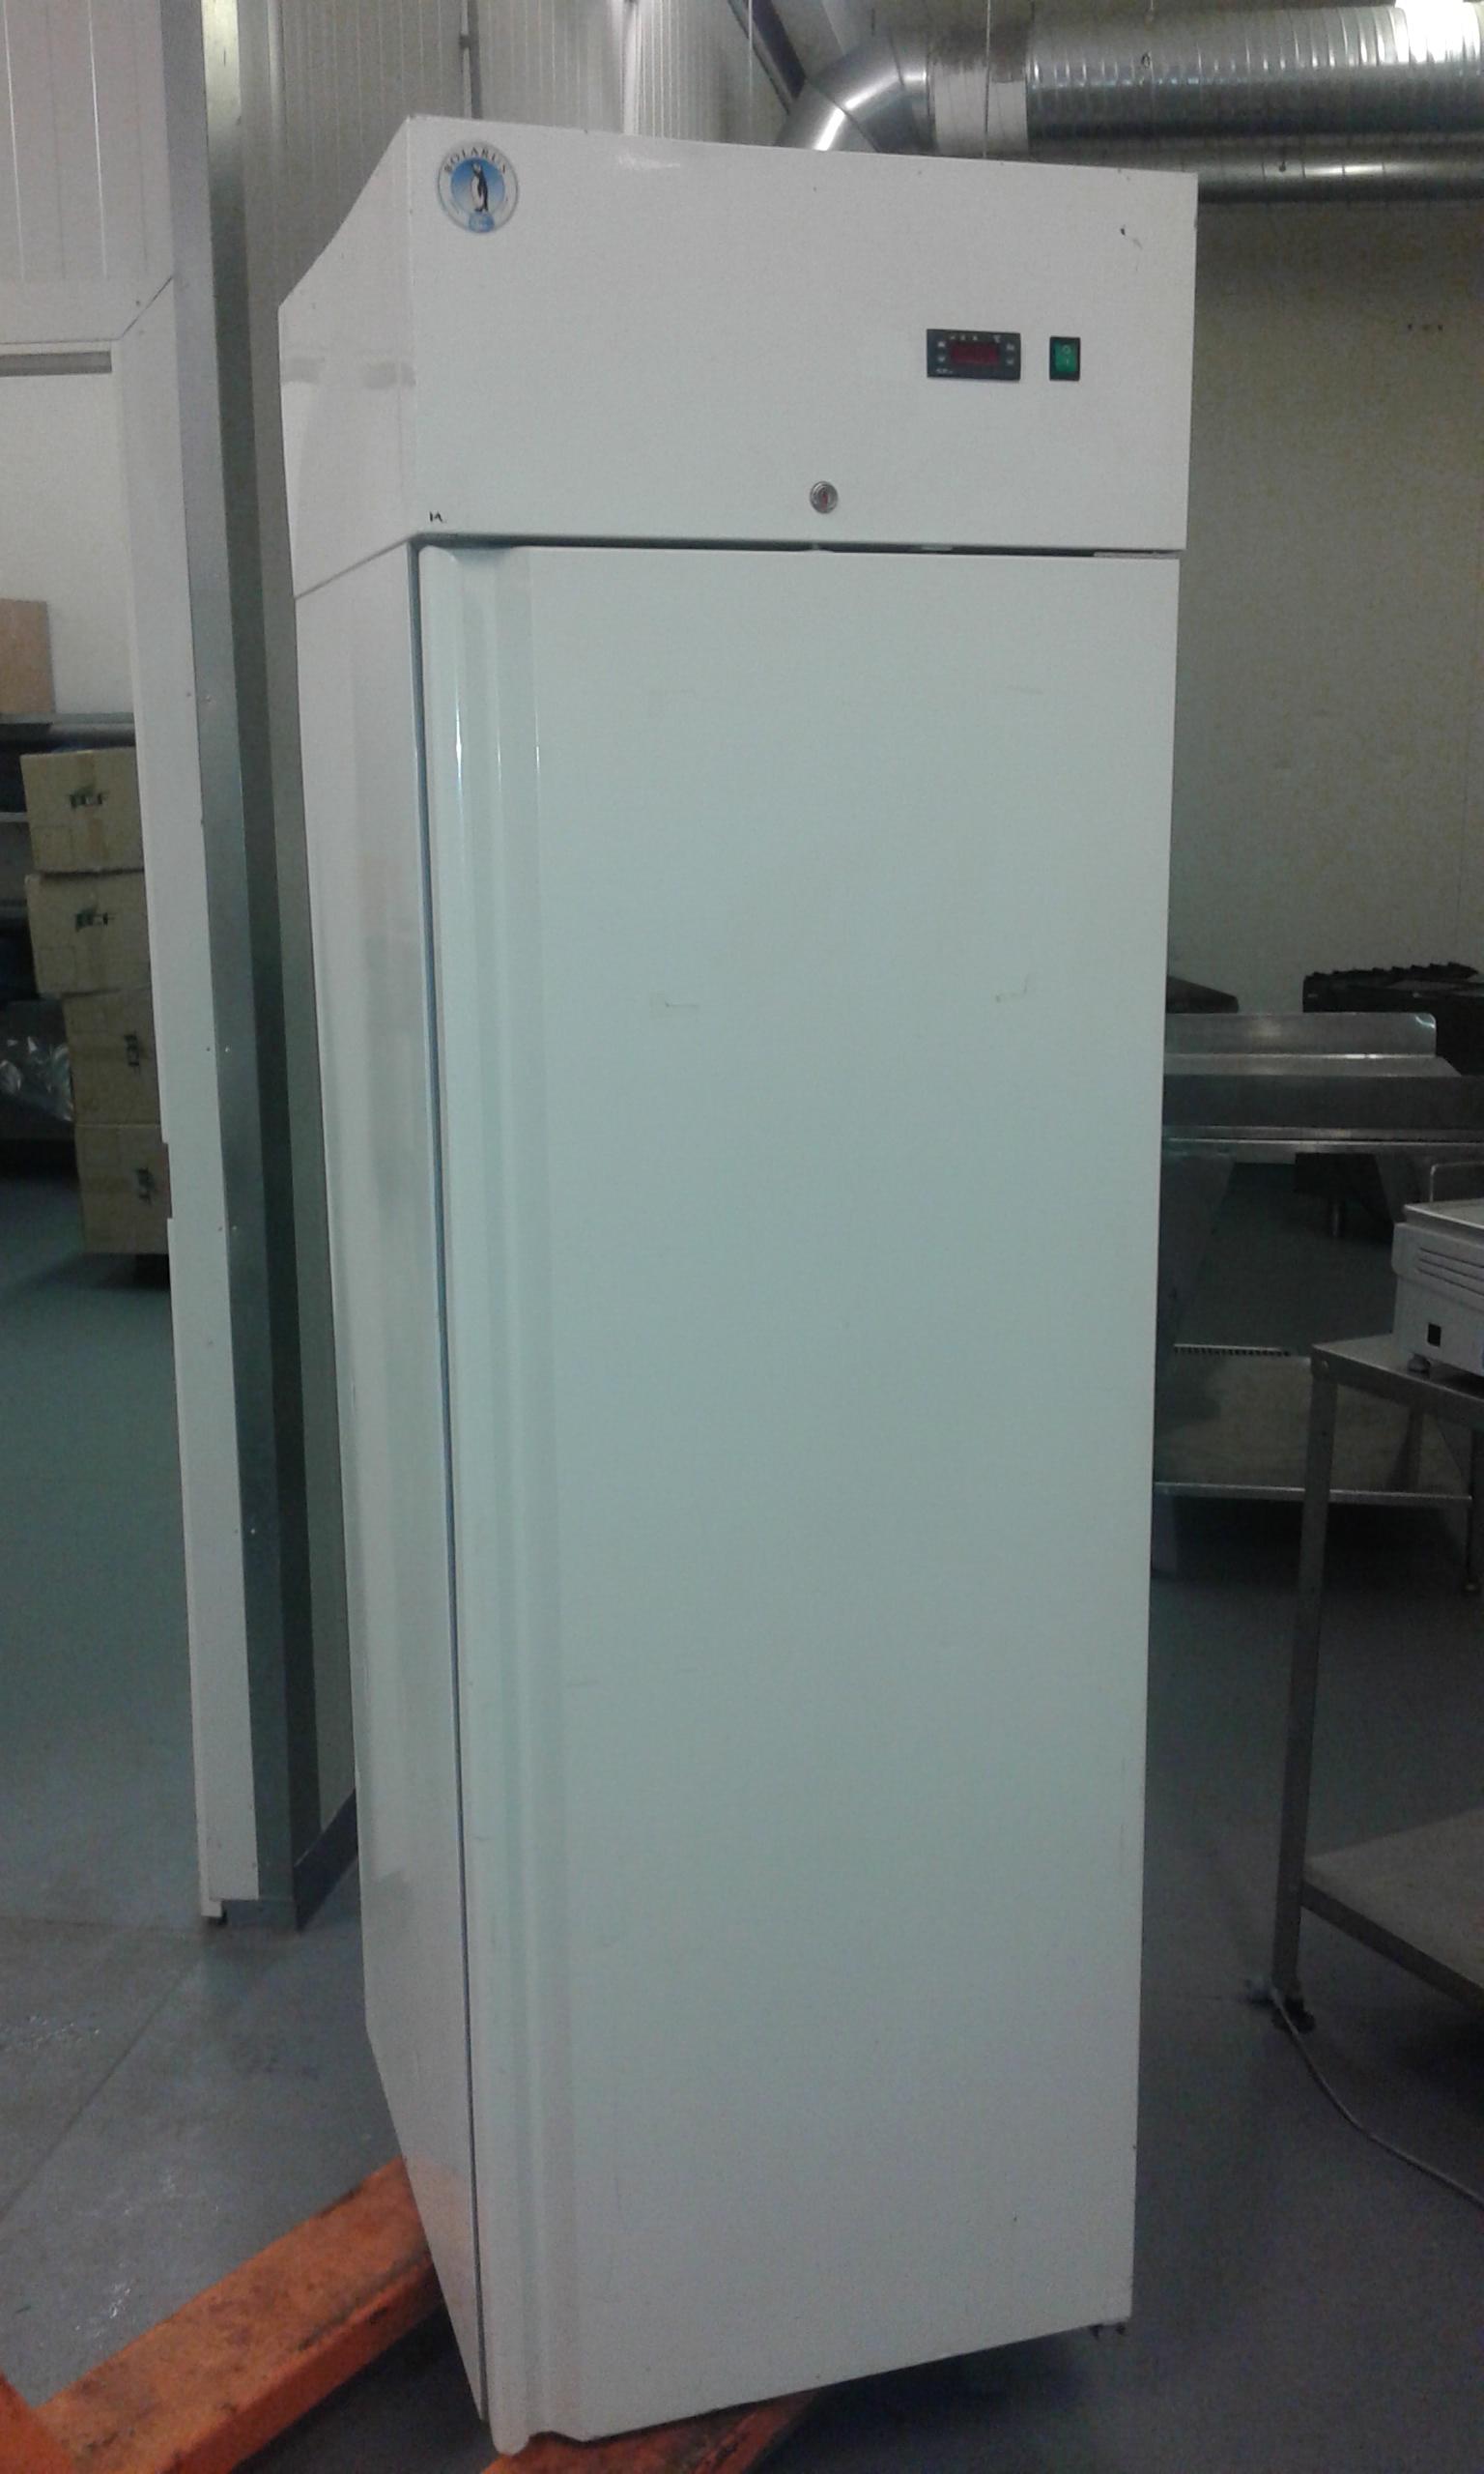 25c3c052722 Külmik Bolarus S500S - Kreutz OÜ - Külmseadmed ja suurköögiseadmed